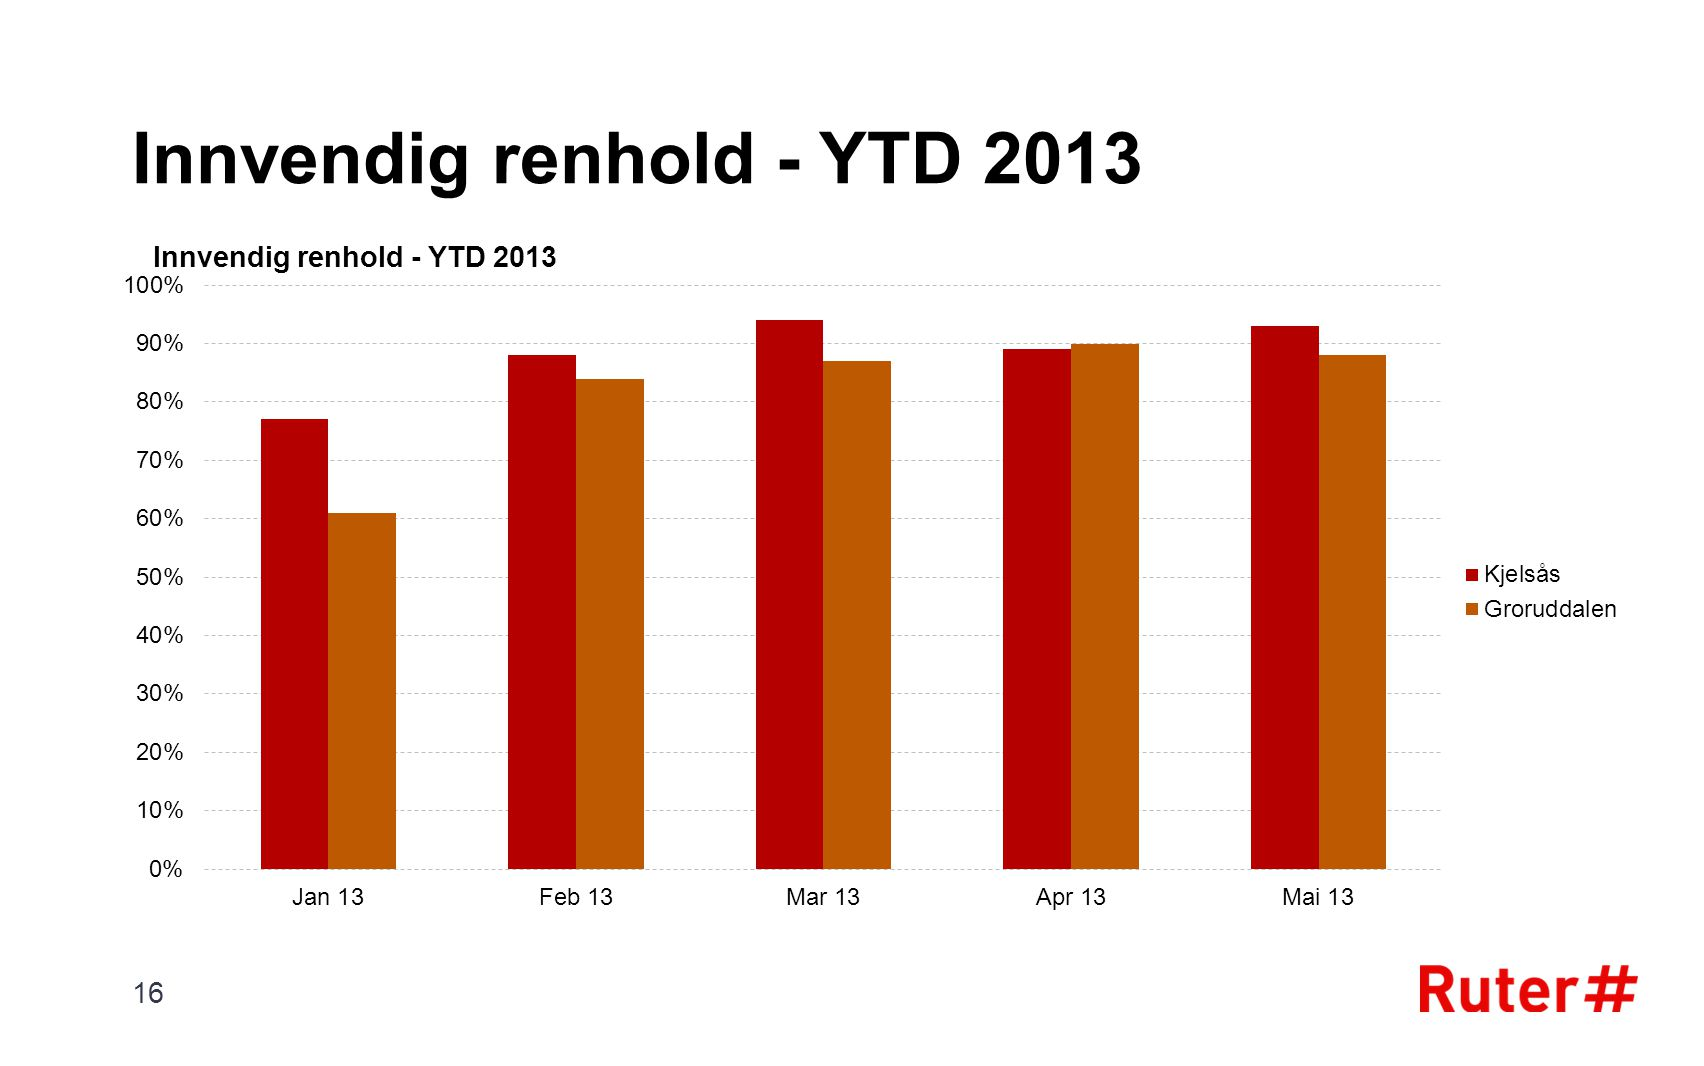 Innvendig renhold - YTD 2013